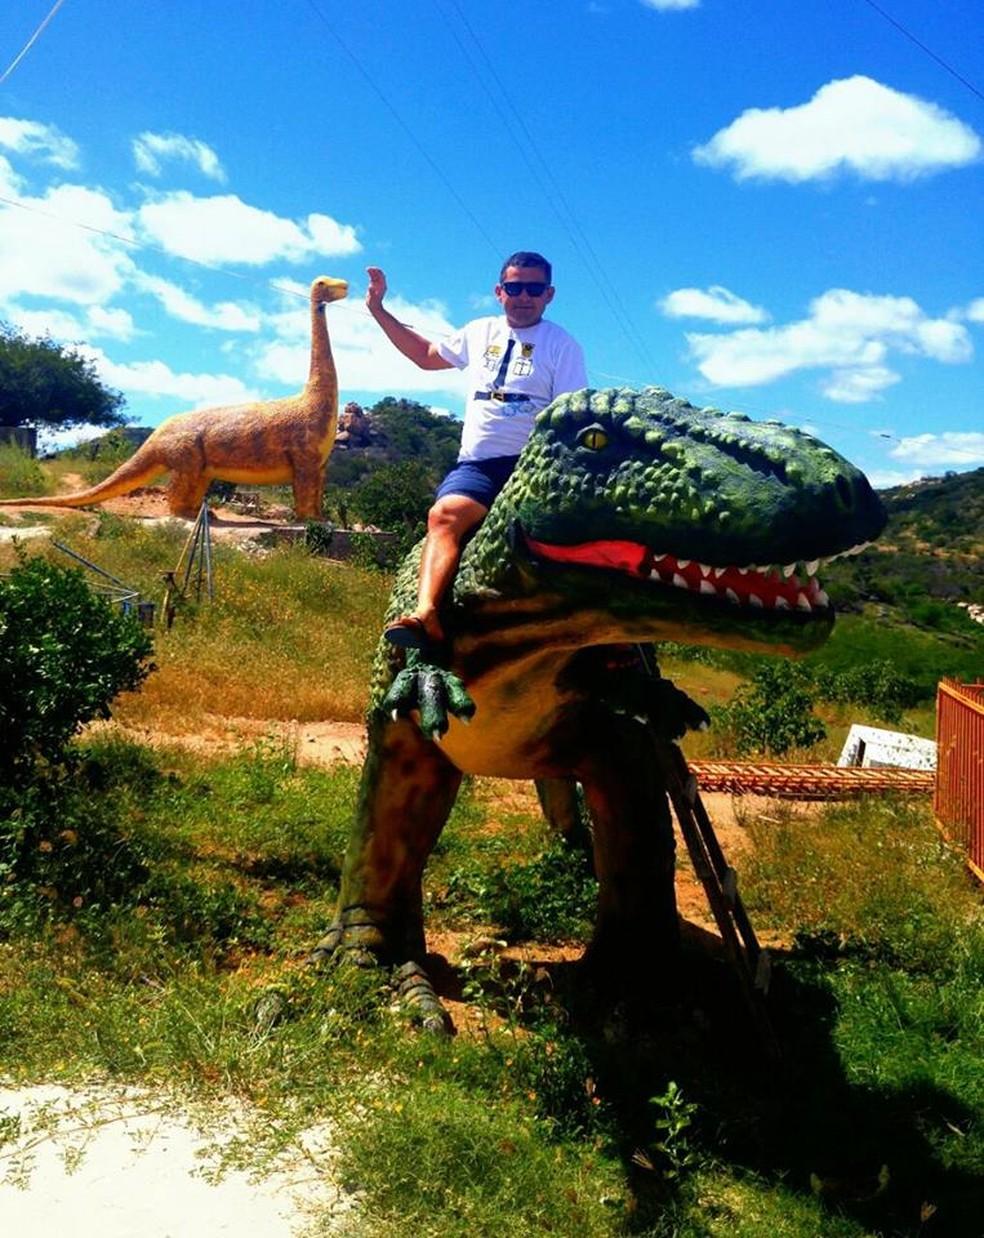 Artista Iron Garcia começou a construir parque de dinossauros em Parelhas (Foto: Arquivo Pessoal)